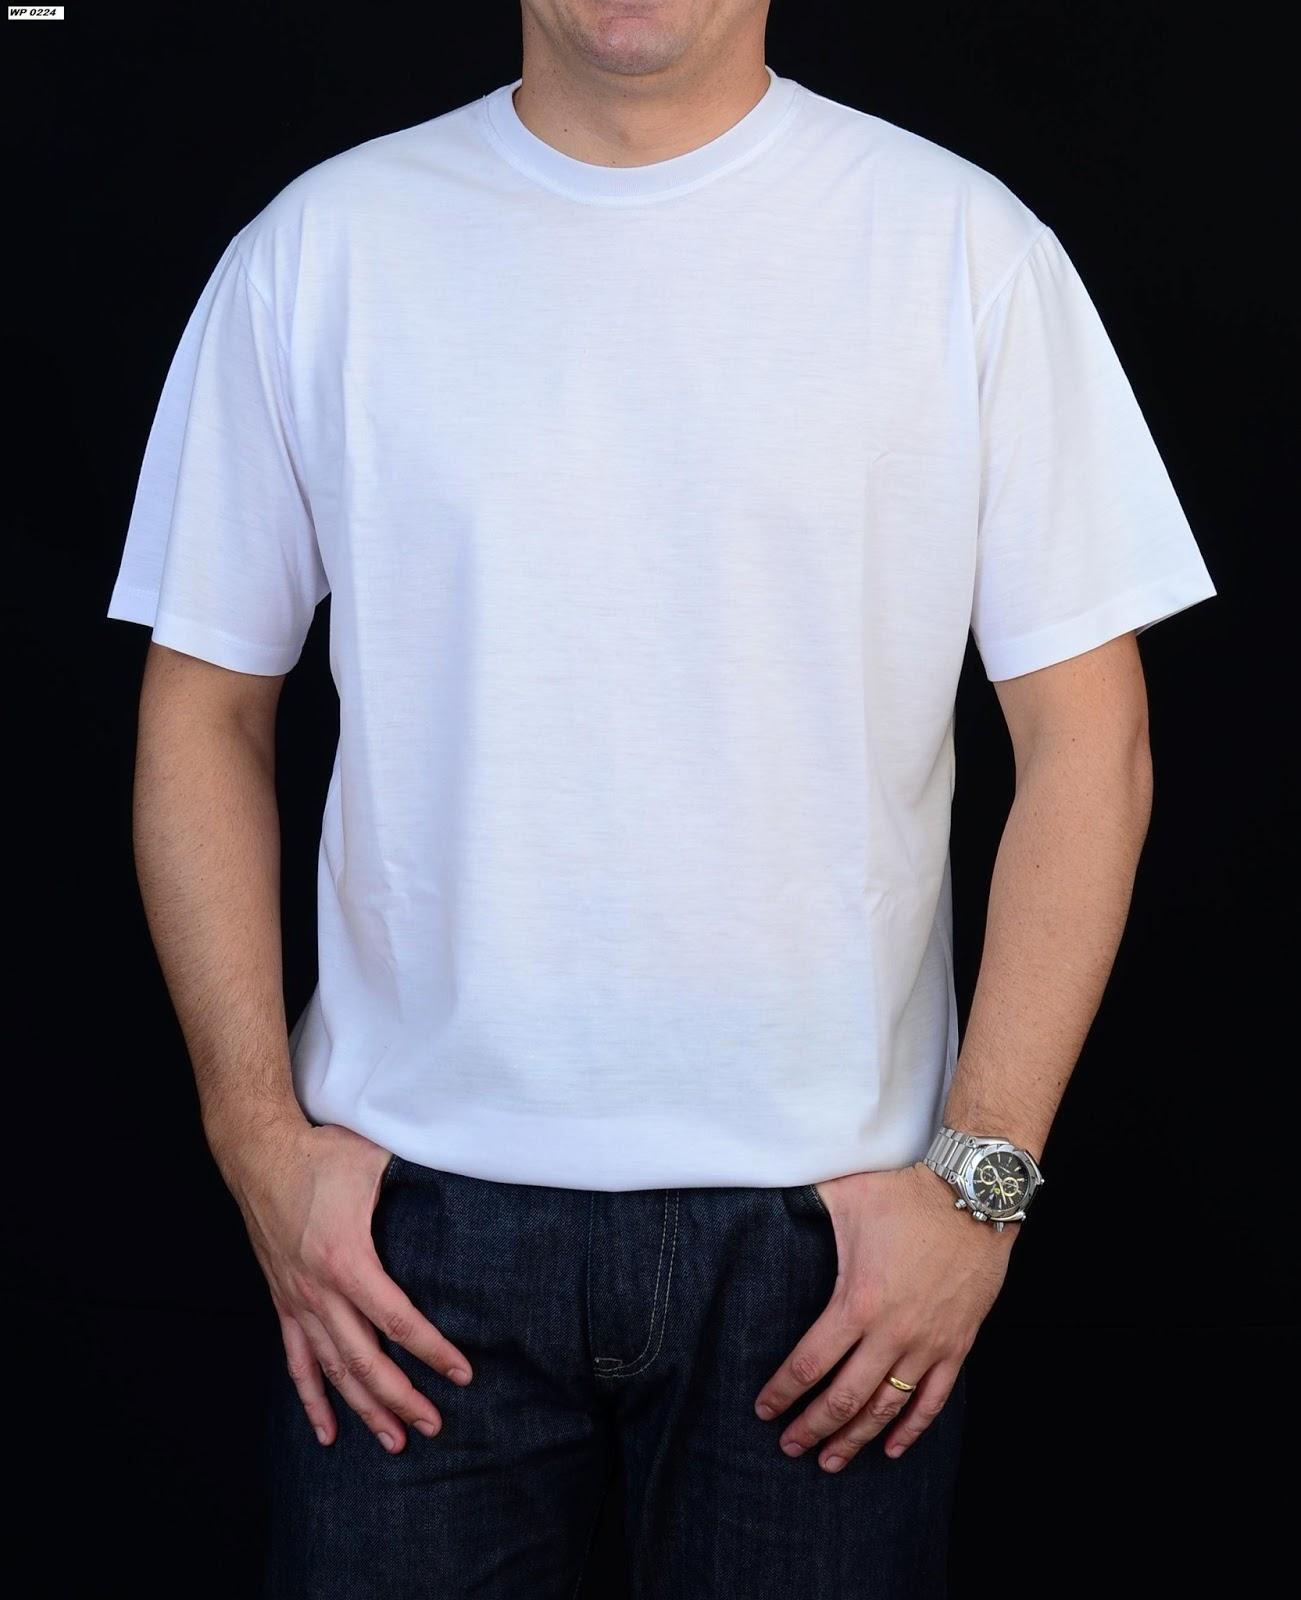 39ff182874 Camisetas Coloridas Atacado  Camisetas 100% poliéster - Helanca